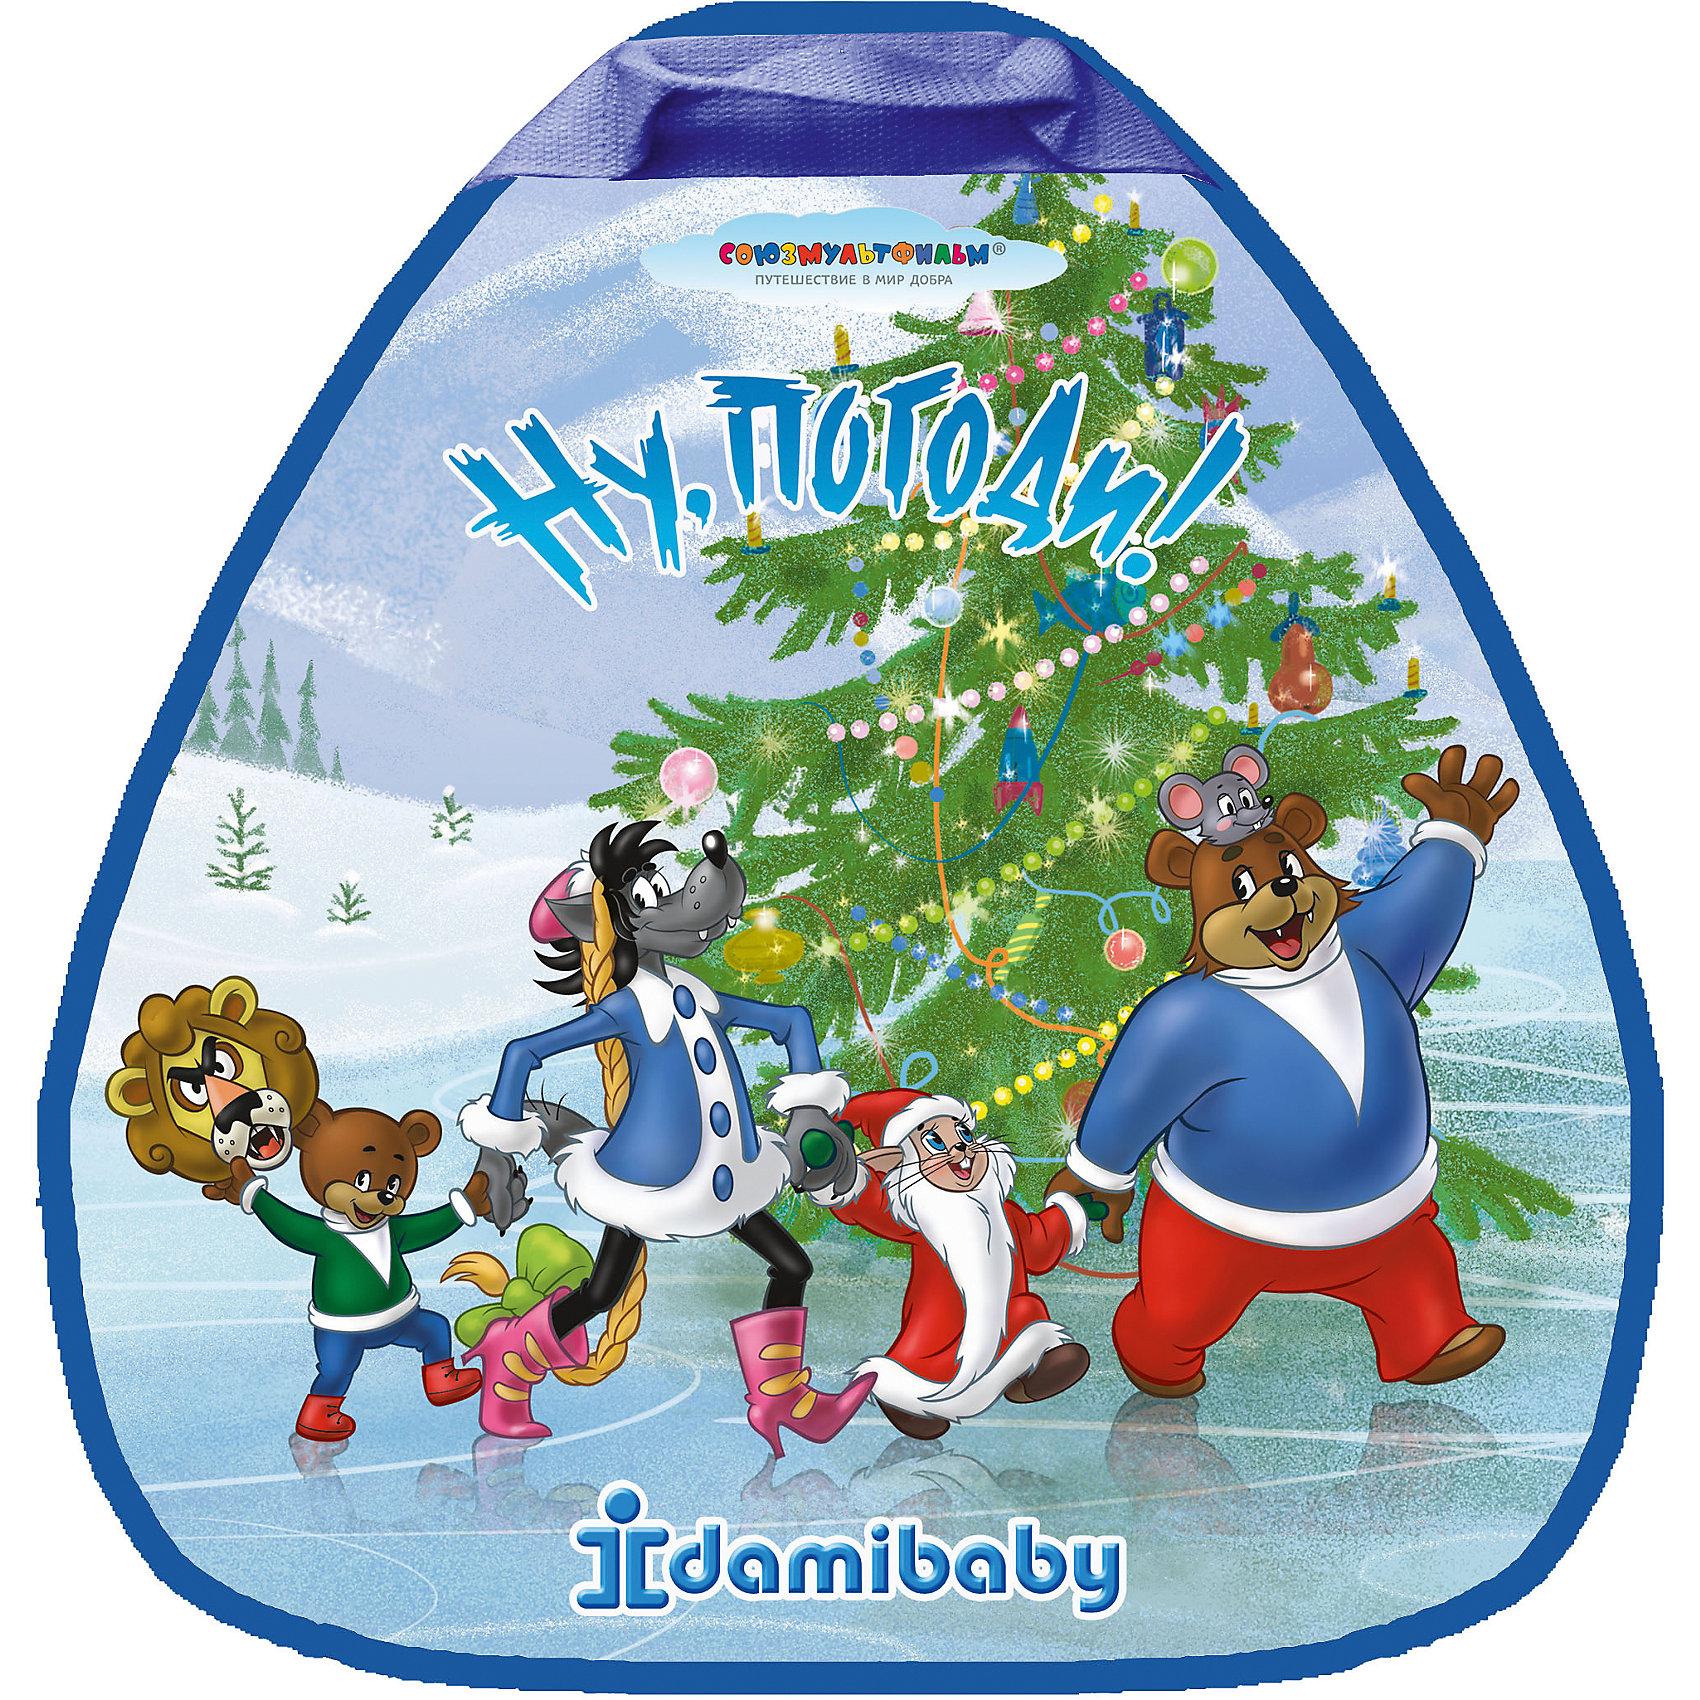 Детская ледянка Ну, Погоди!, ДэмиЛедянки<br>Характеристики товара:<br><br>- цвет: разноцветный;<br>- материал: полимер;<br>- есть ручка;<br>- возраст: от 3 лет.<br><br>Детская яркая ледянка – отличный подарок для ребенка. В процессе зимних игр ребенок развивает моторику, тактильное восприятие, воображение, внимание и координацию движений, осваивает причинно-следственные связи. Игрушка украшена изображением любимых малышами мультяшных героев. Эта ледянка сделана специально для детей. <br>Такая игрушка позволит малышу в полной мере наслаждаться зимним отдыхом. Ледянка дополнена удобной надежной ручкой. Изделие произведено из качественных материалов, безопасных для ребенка.<br><br>Детскую ледянку Ну, Погоди! от бренда Дэми можно купить в нашем интернет-магазине.<br><br>Ширина мм: 500<br>Глубина мм: 25<br>Высота мм: 525<br>Вес г: 400<br>Возраст от месяцев: 36<br>Возраст до месяцев: 2147483647<br>Пол: Унисекс<br>Возраст: Детский<br>SKU: 5082297